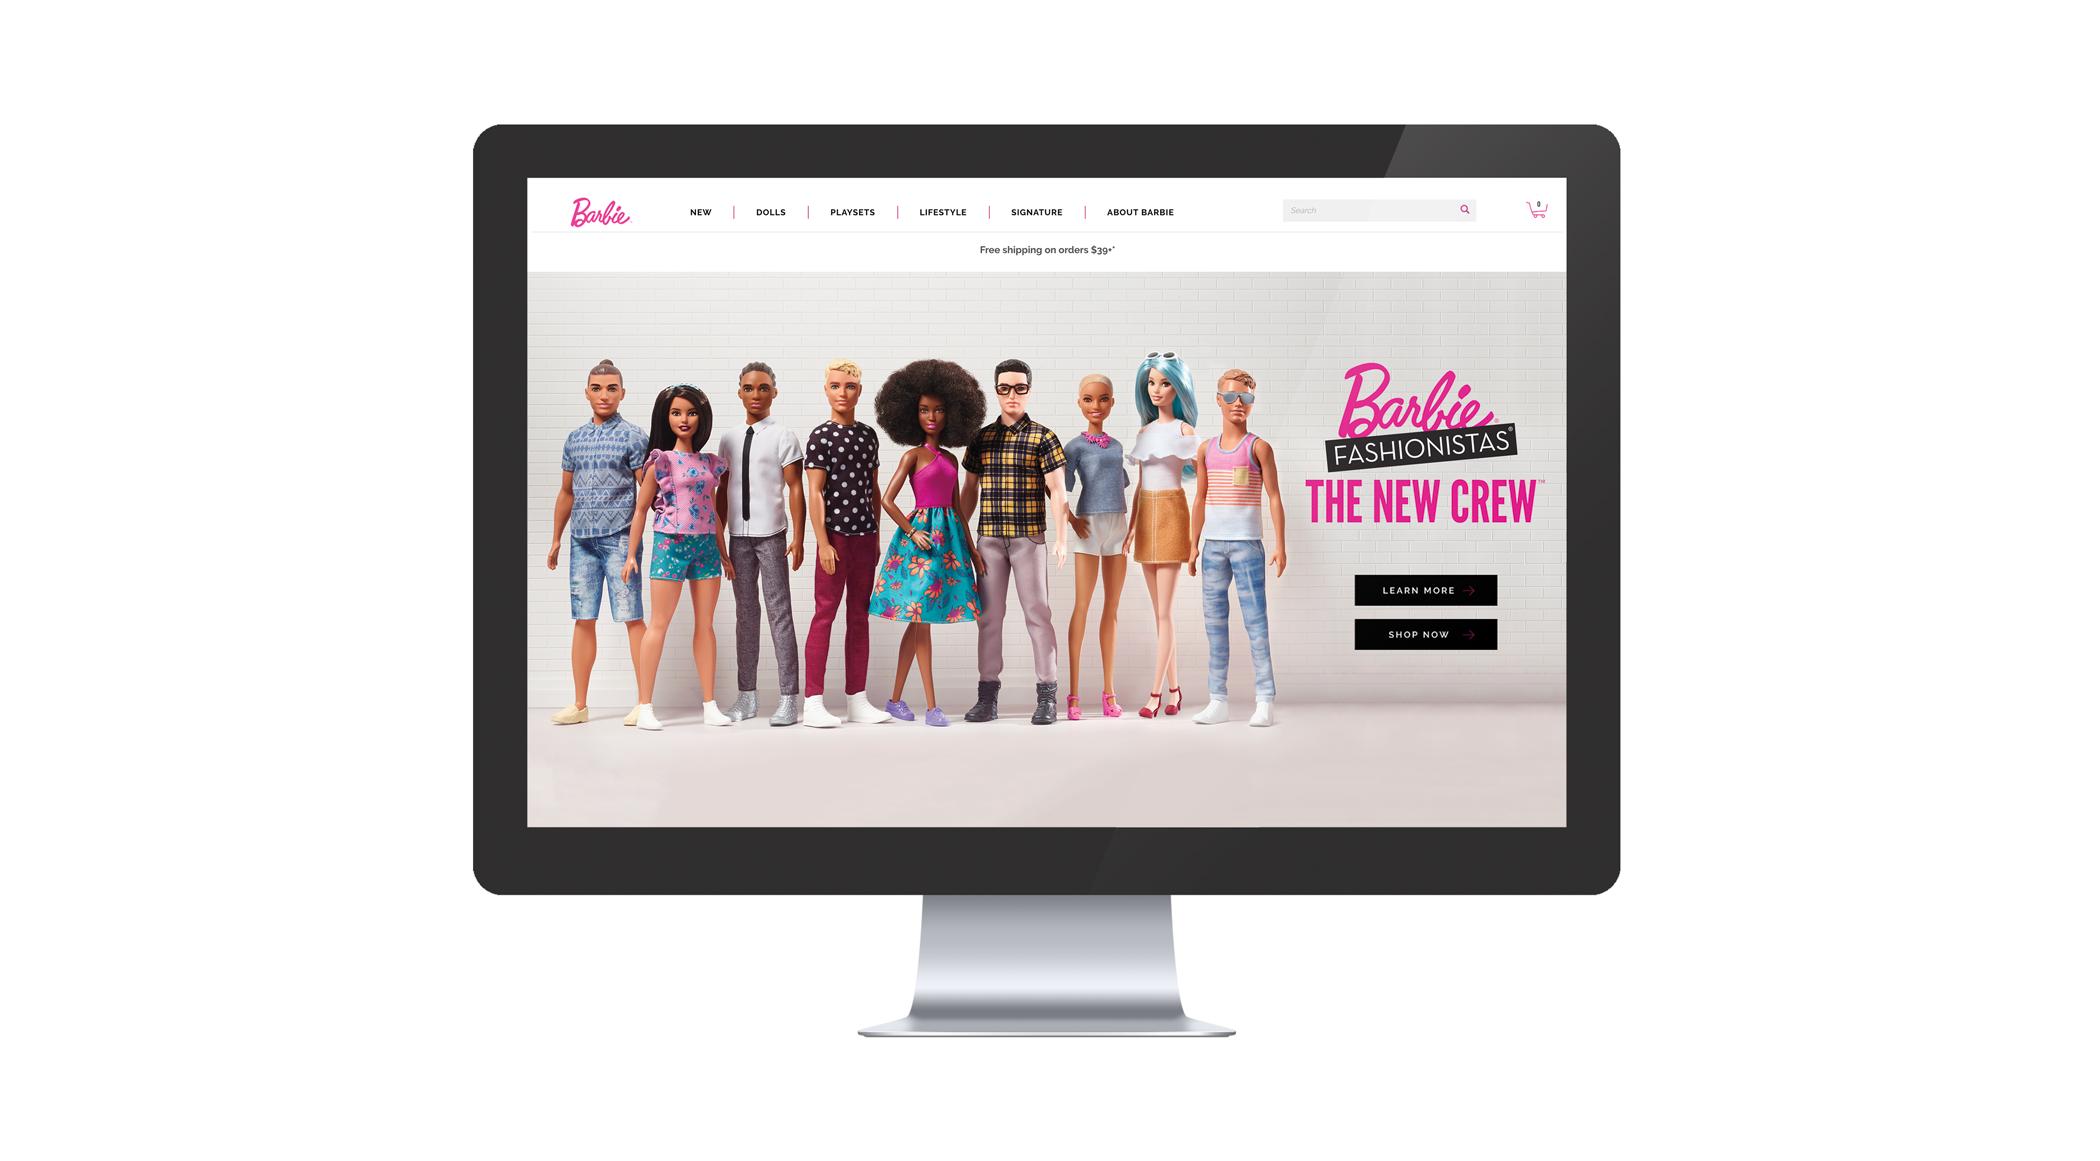 barbie-fashionistas_homepage.png